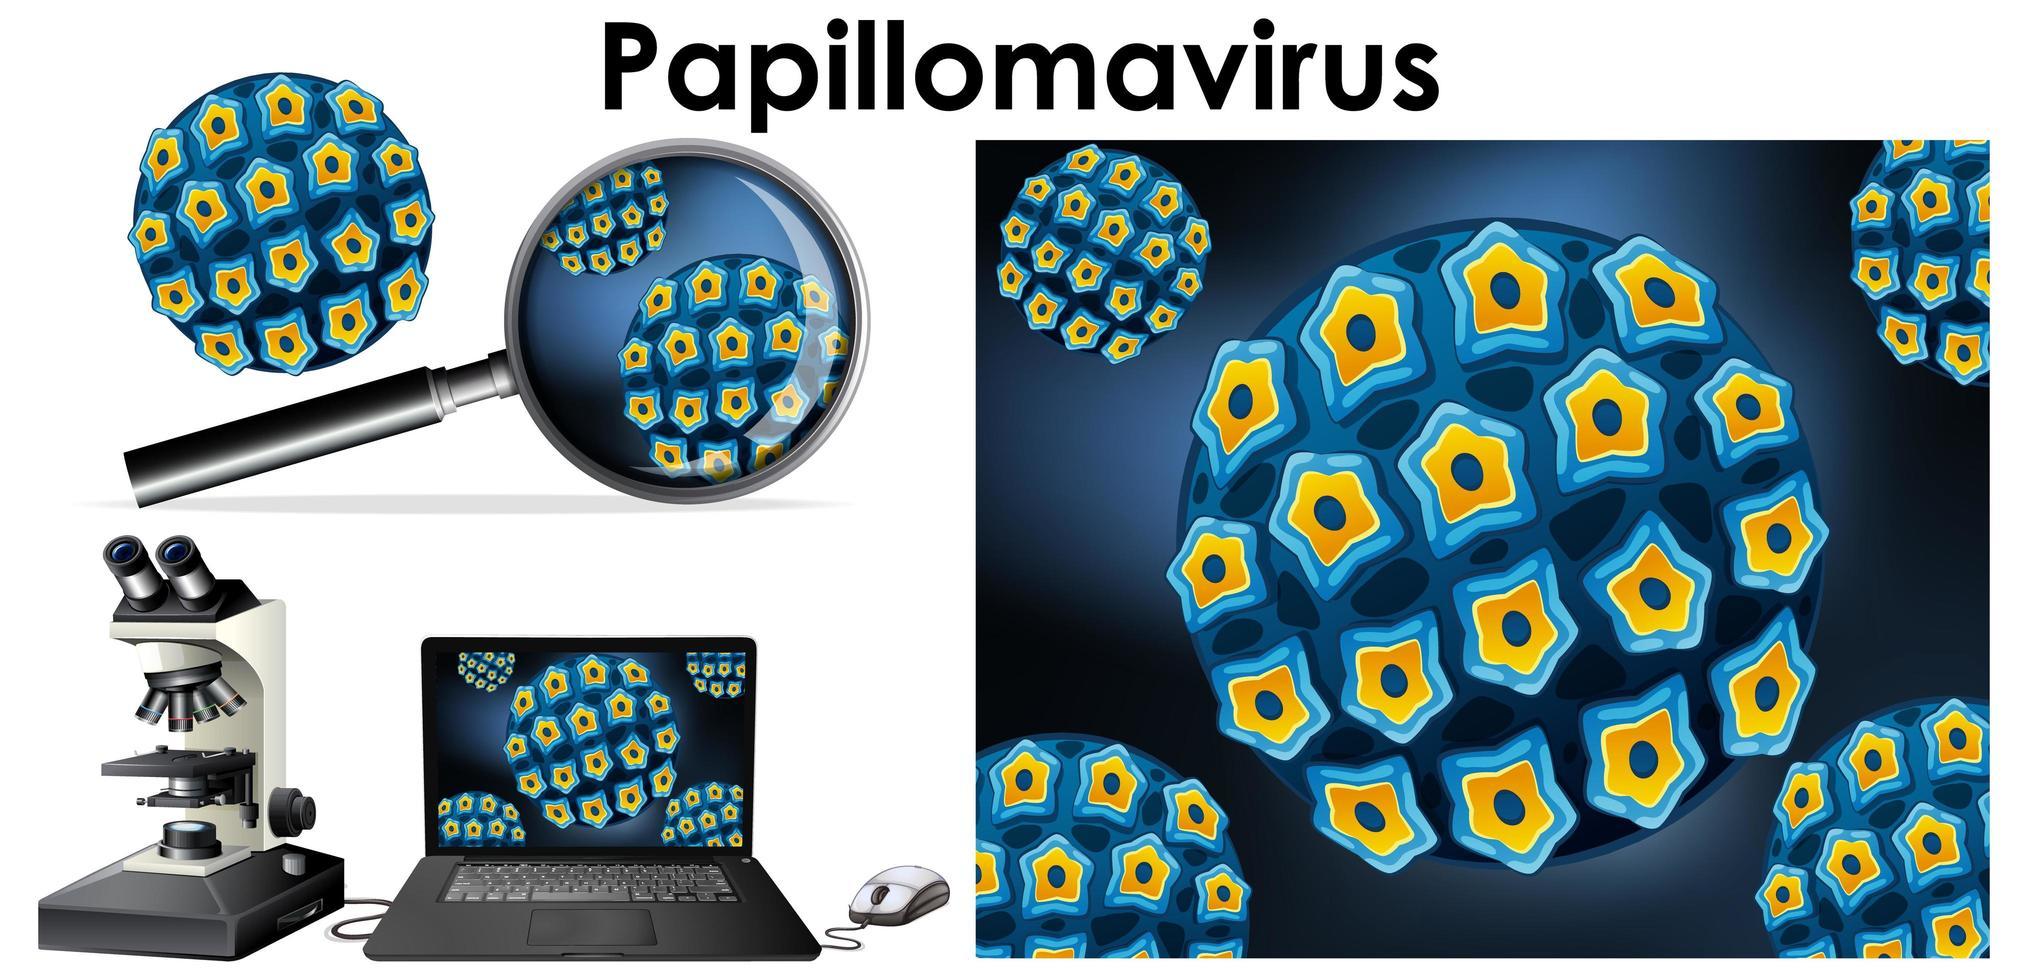 Papillomavirus-Virus und Lupe vektor